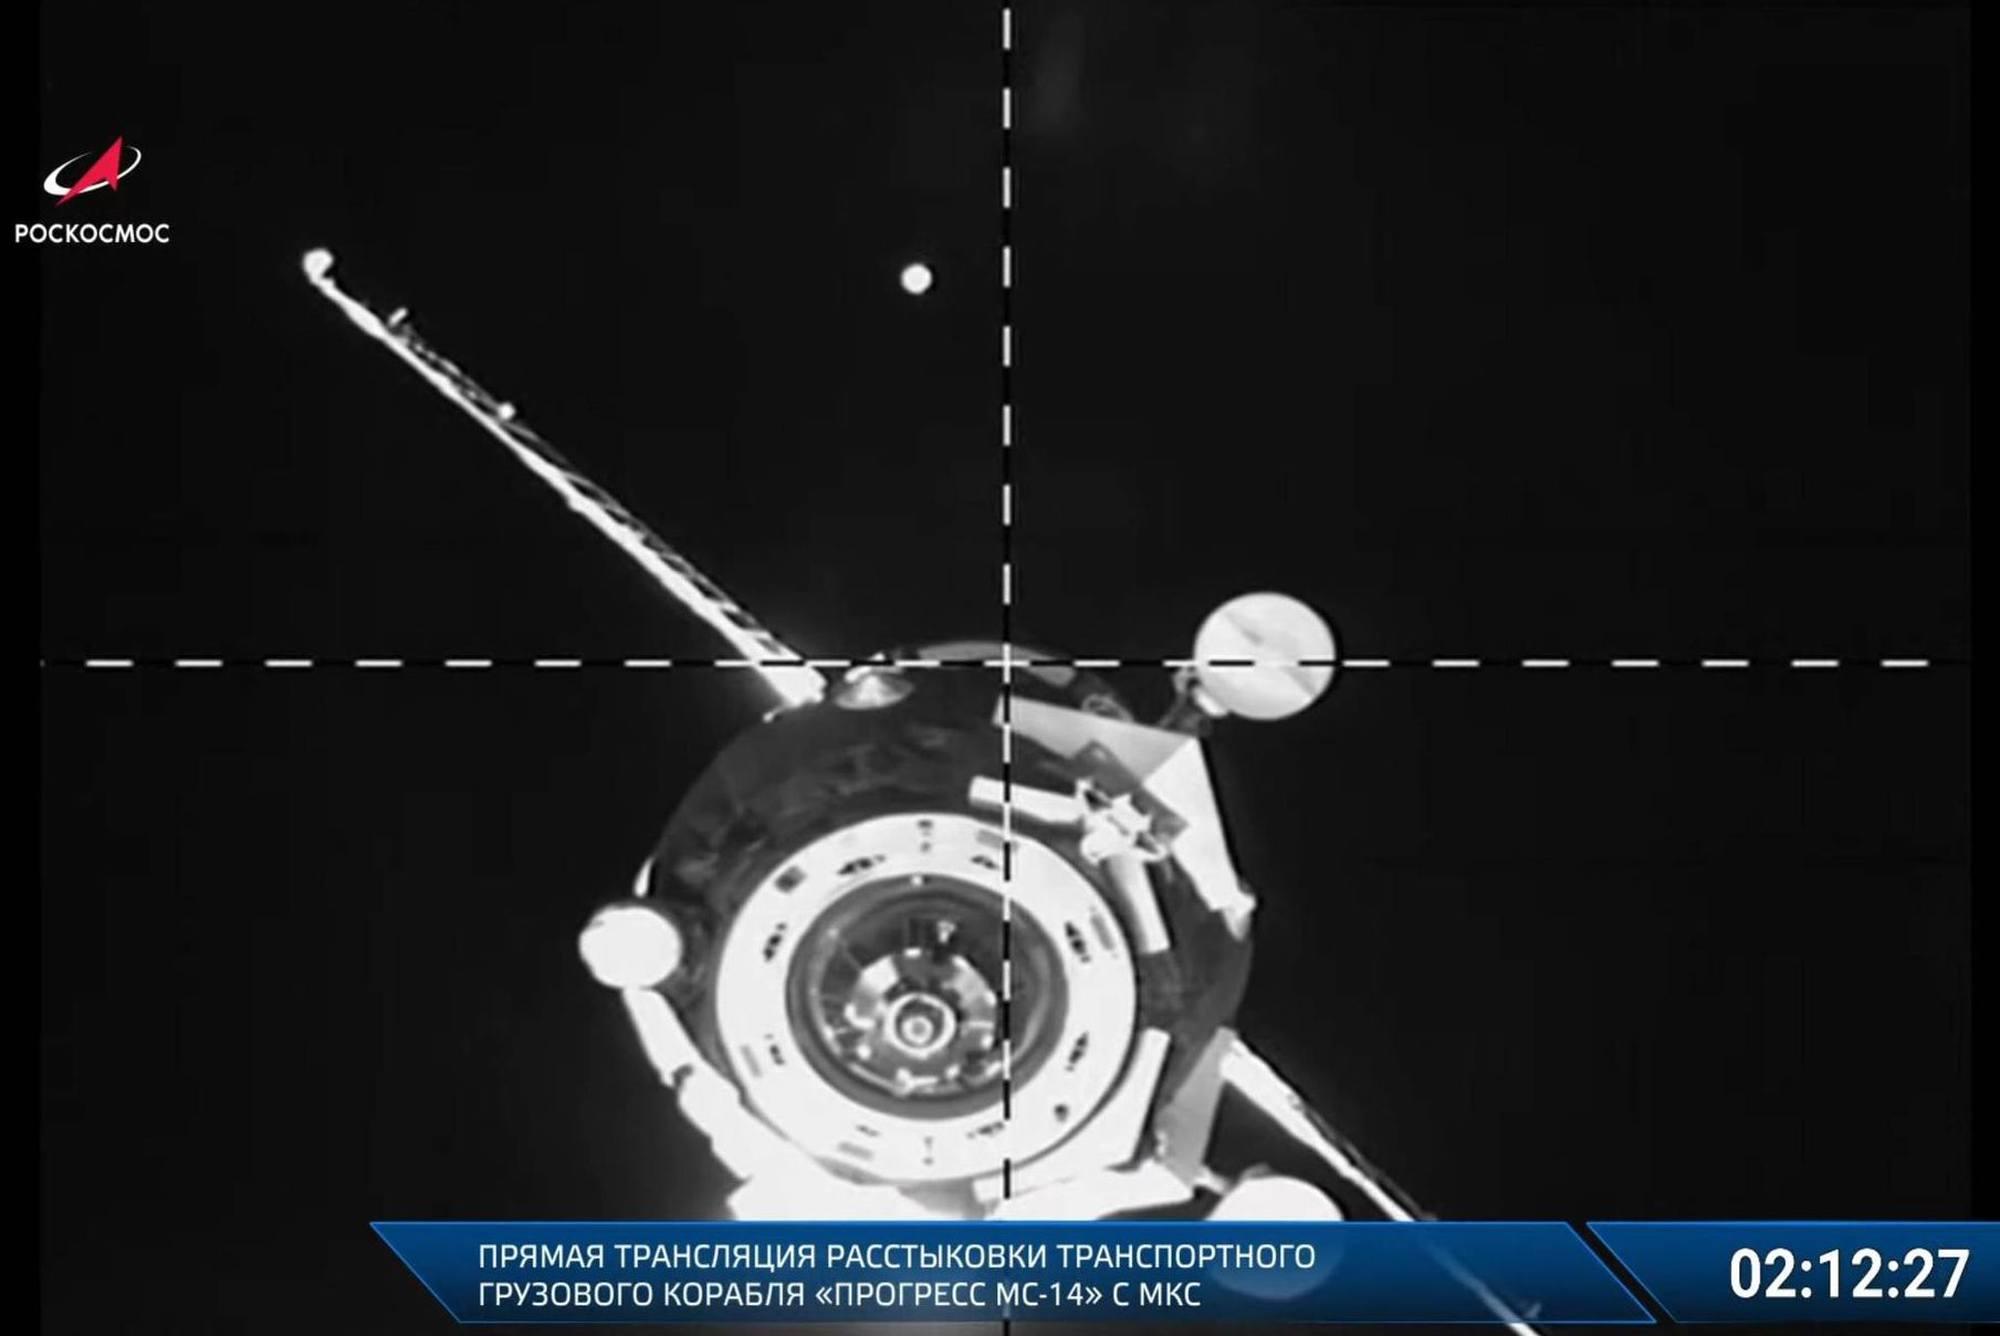 Progress MS-14 quelques minutes après l'ouverture des verrous sur le module Zvezda se l'ISS.